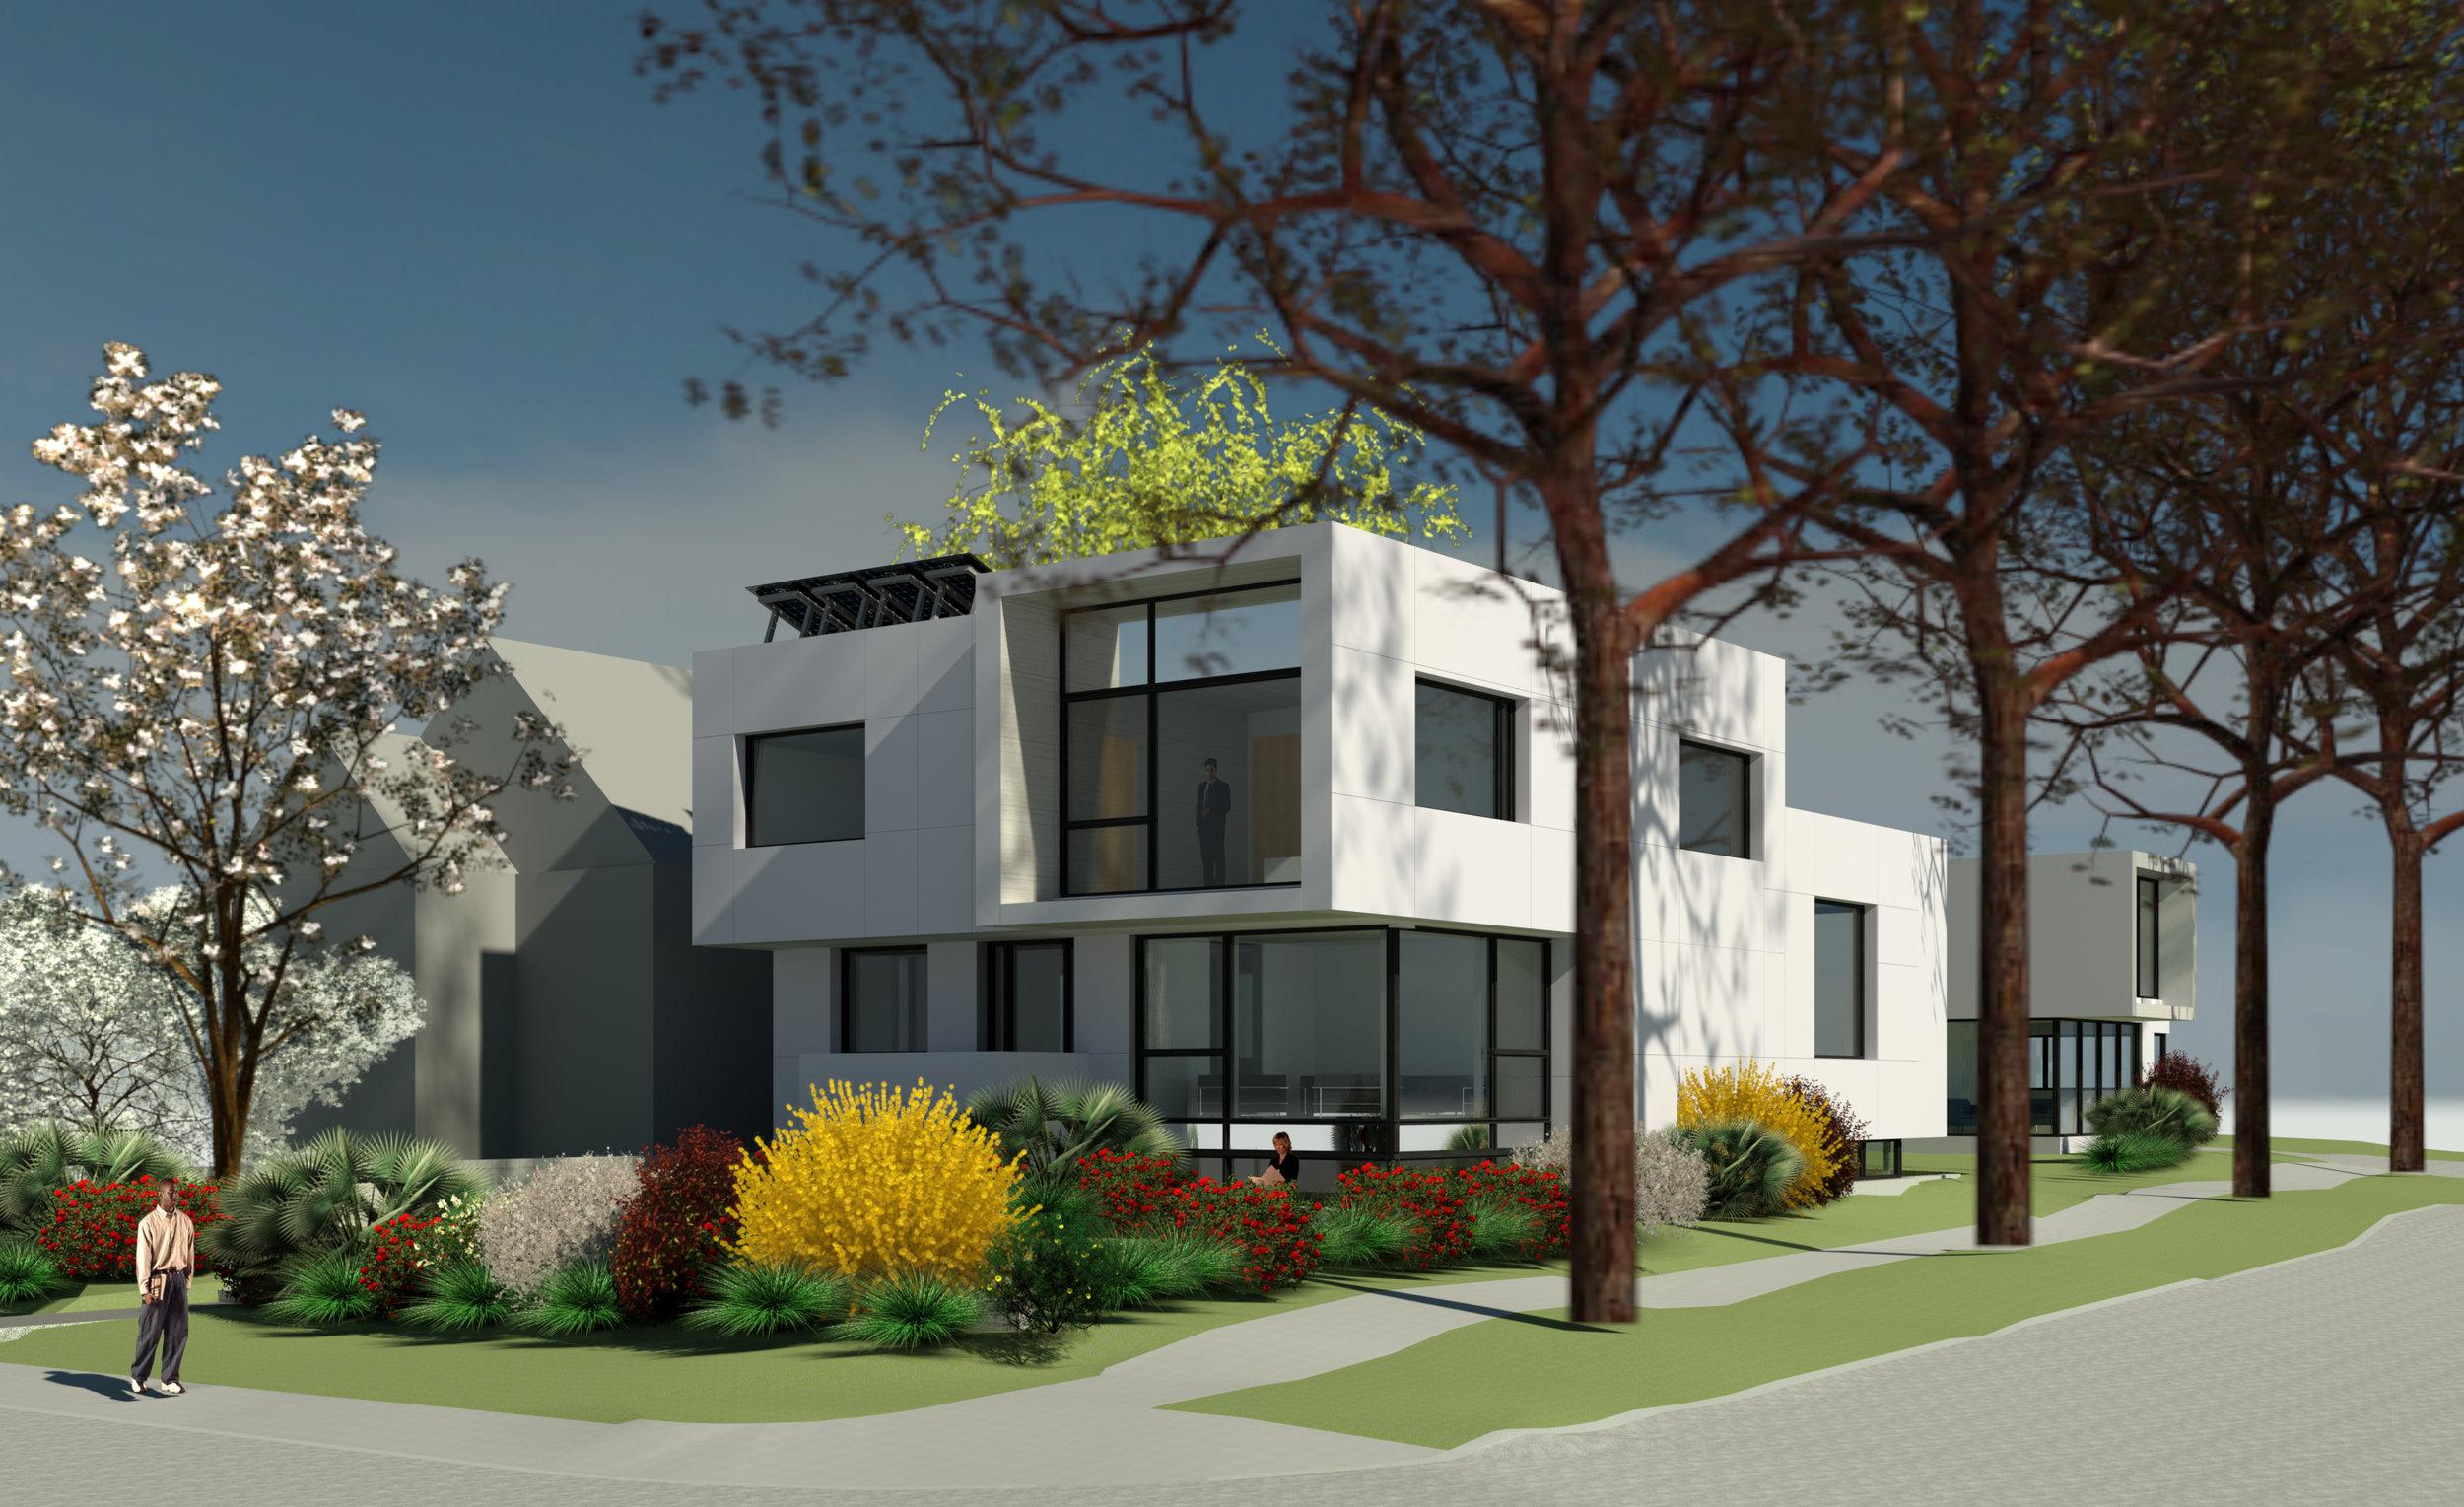 Vranakis Passive House by Siu Architecture Inc. Vincent Siu